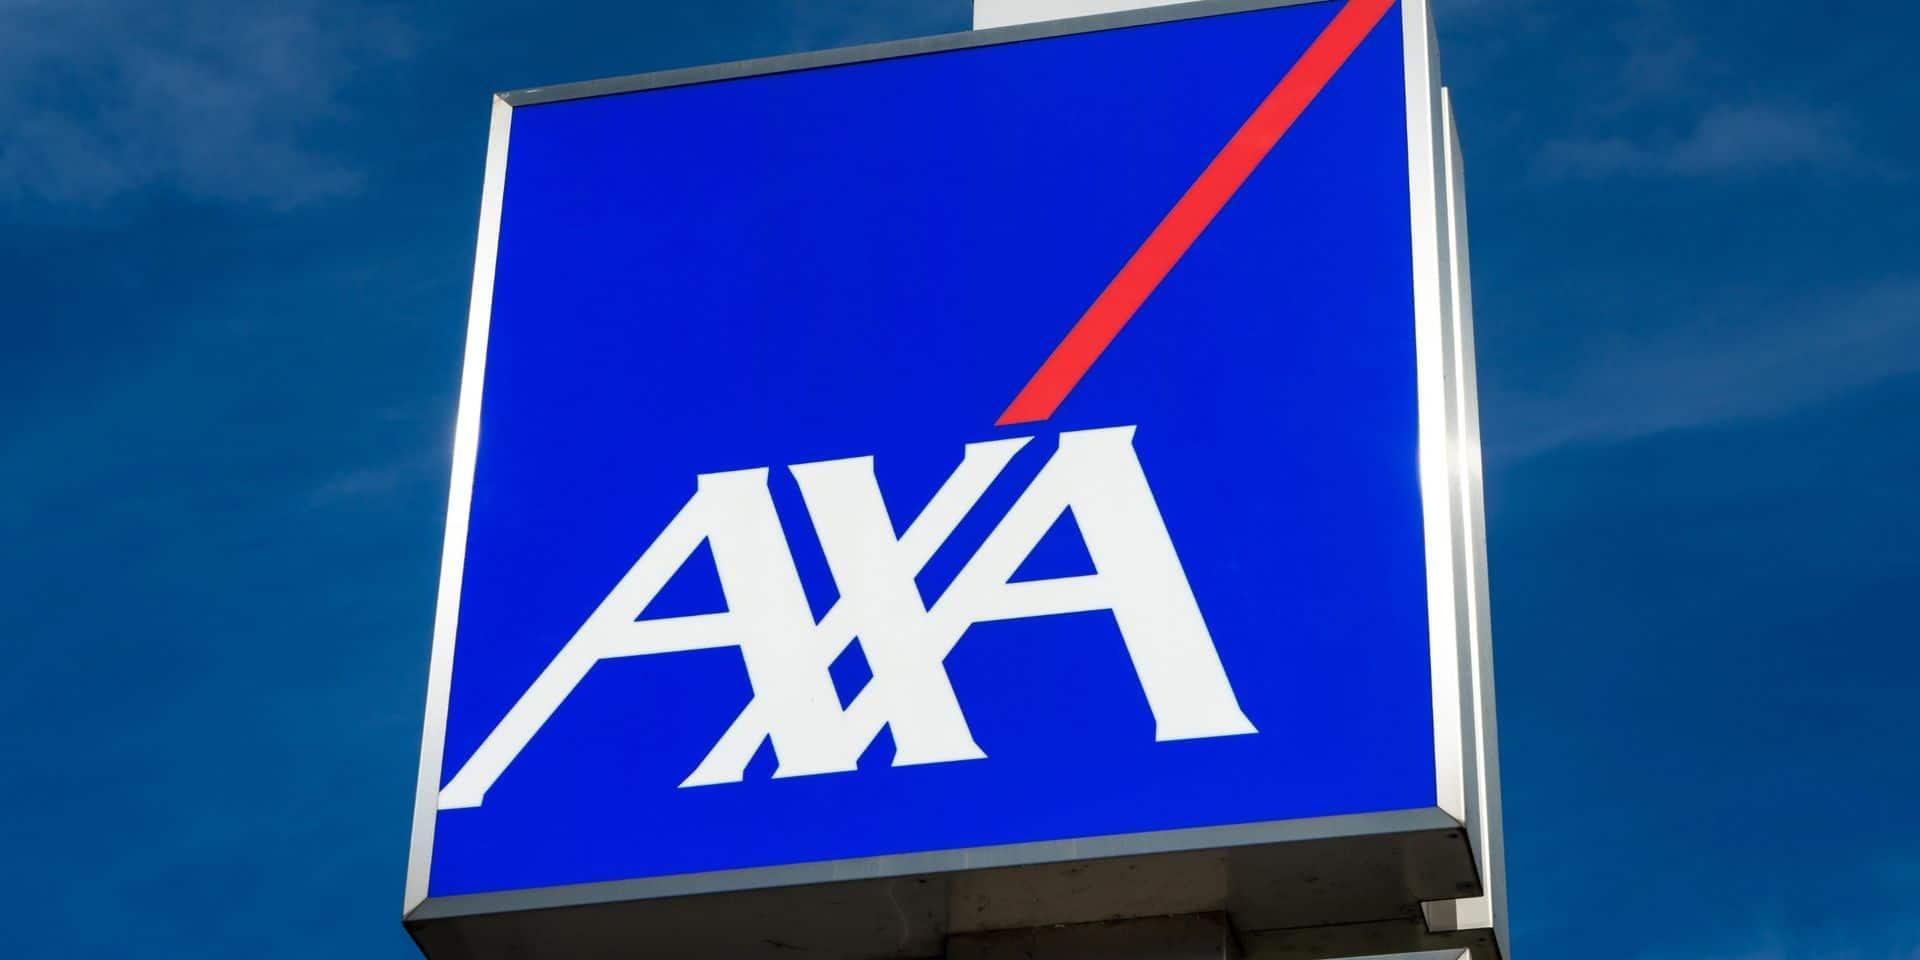 Crelan reprend AXA Banque Belgique: un tiers des agences AXA et Crelan à moins de 500 m l'une de l'autre